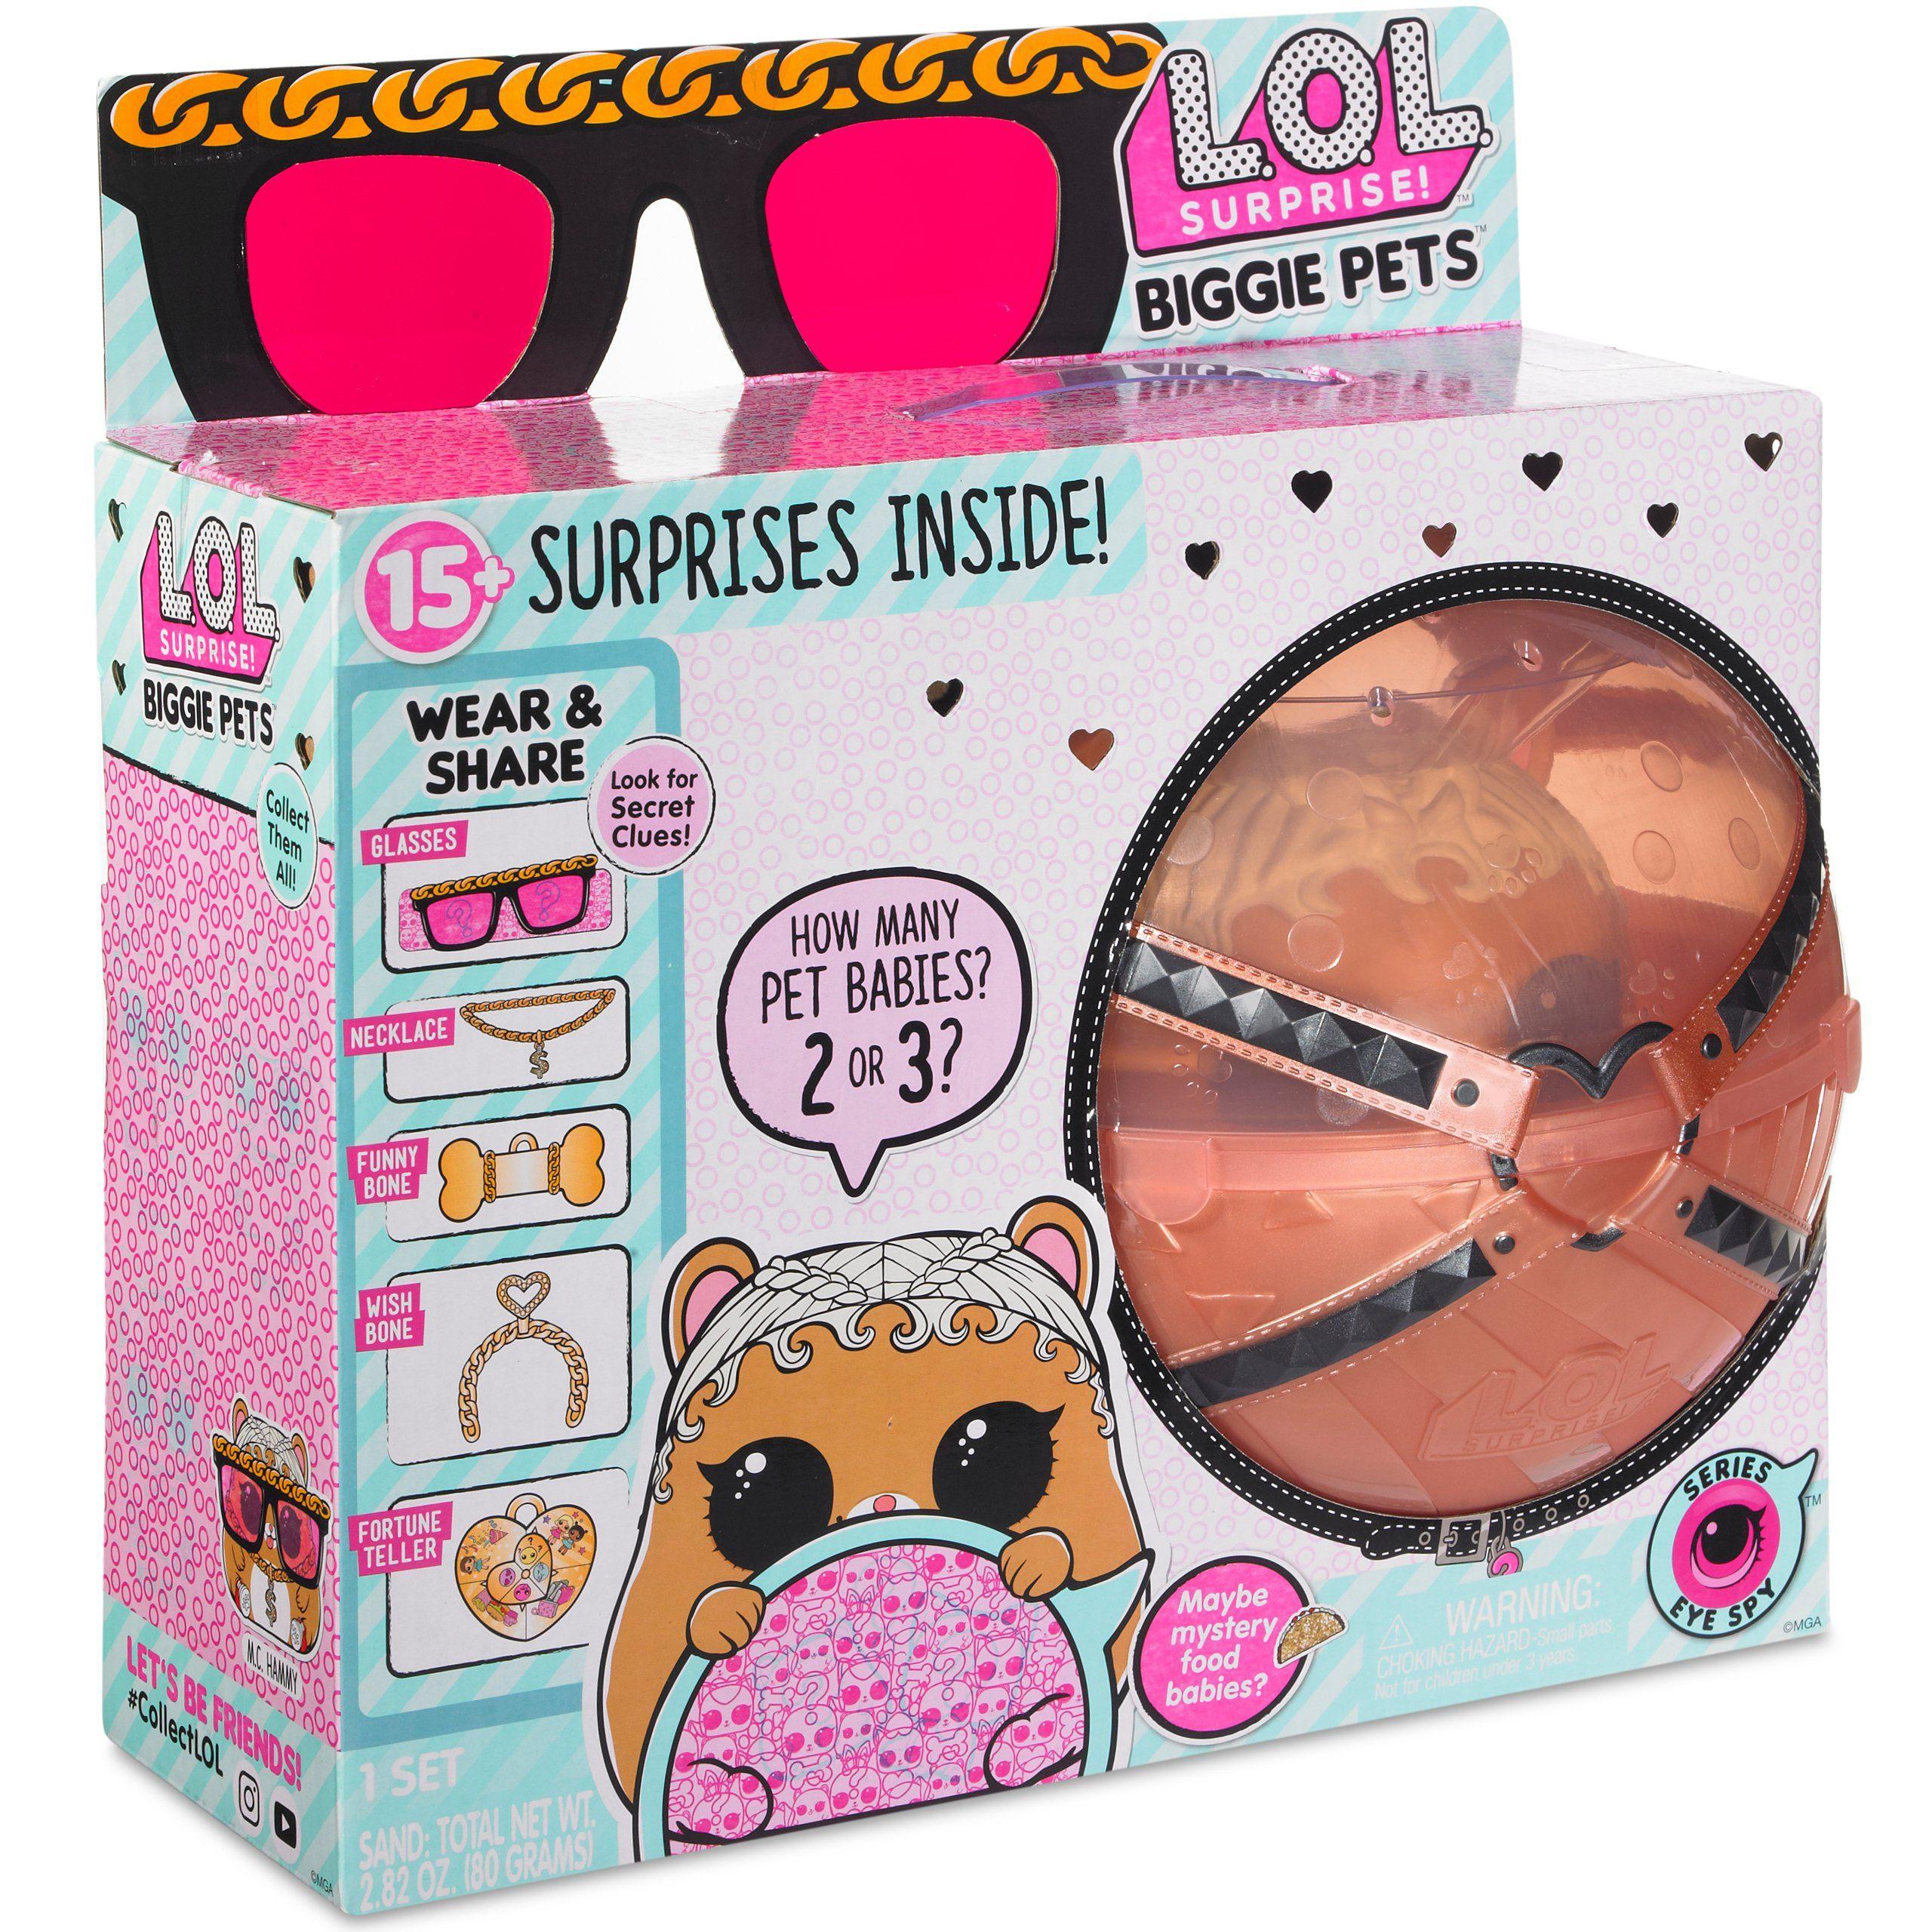 L O L Surprise Duze Zwierzatko Chomik Seria Eye Spy Brykacze Pl Internetowy Sklep Z Zabawkami Dla Dzieci Lol Pets American Girl Doll Sets